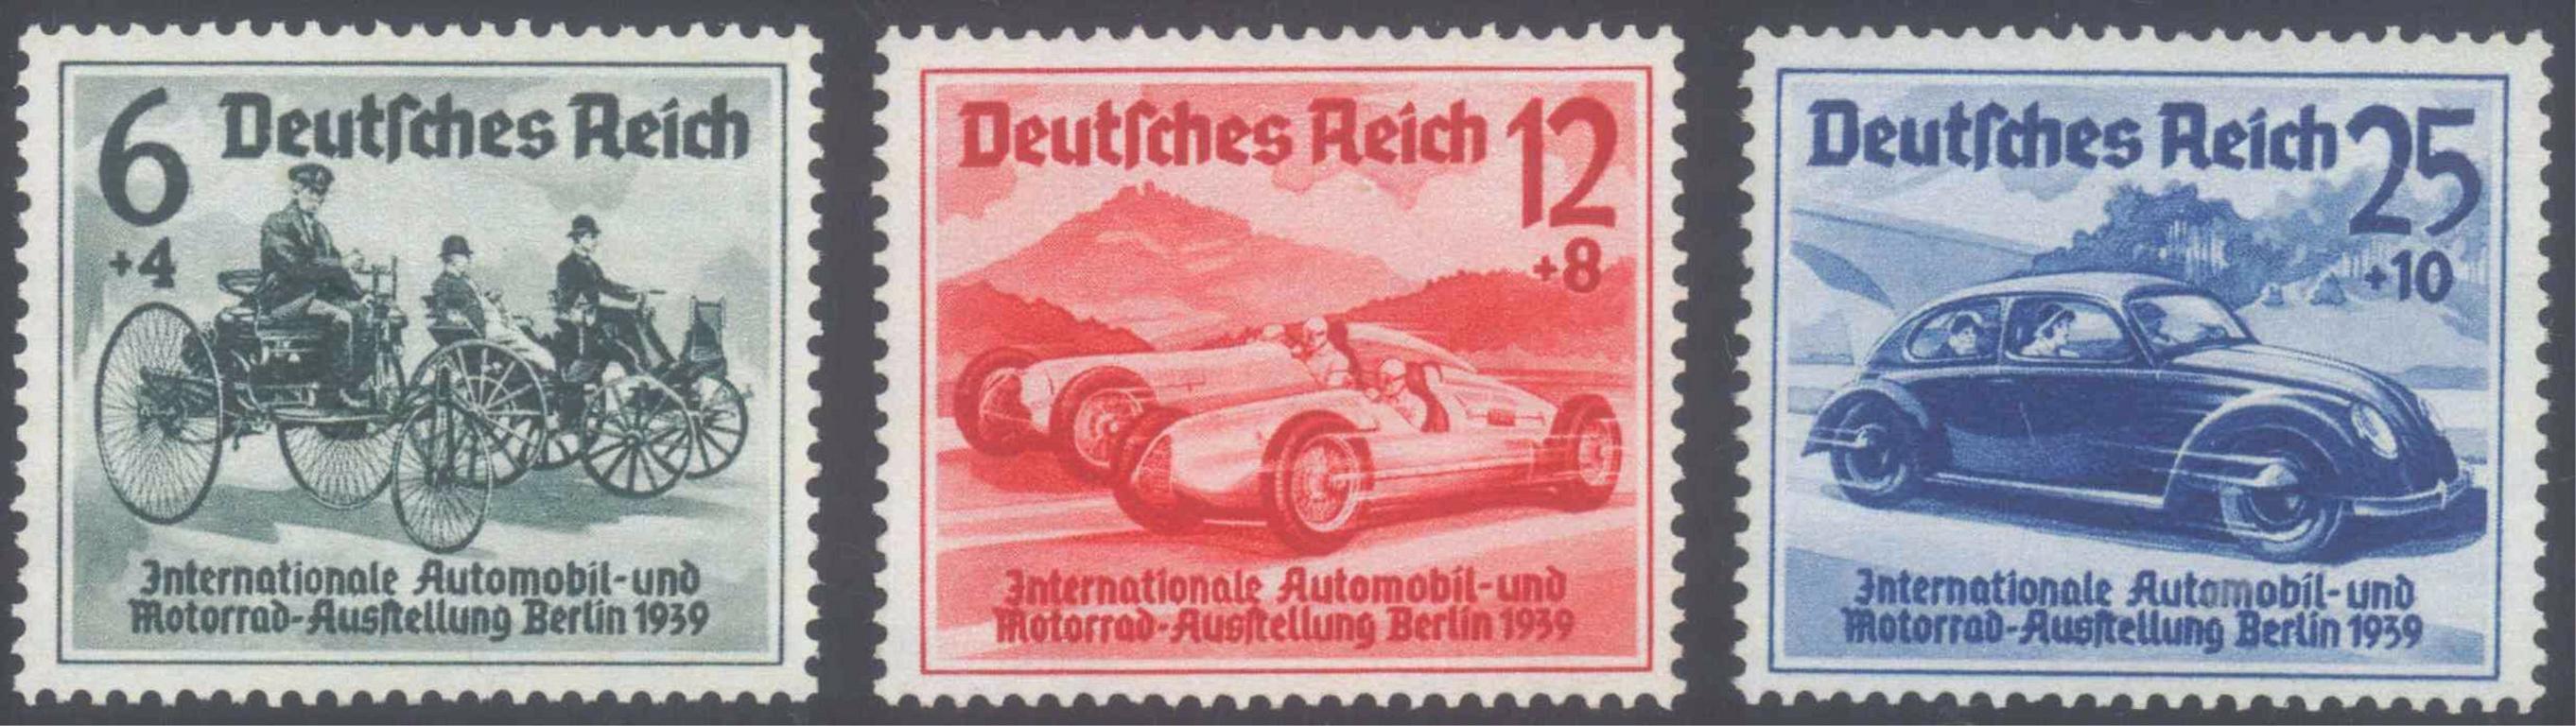 III. Reich 1939, IAA Berlin